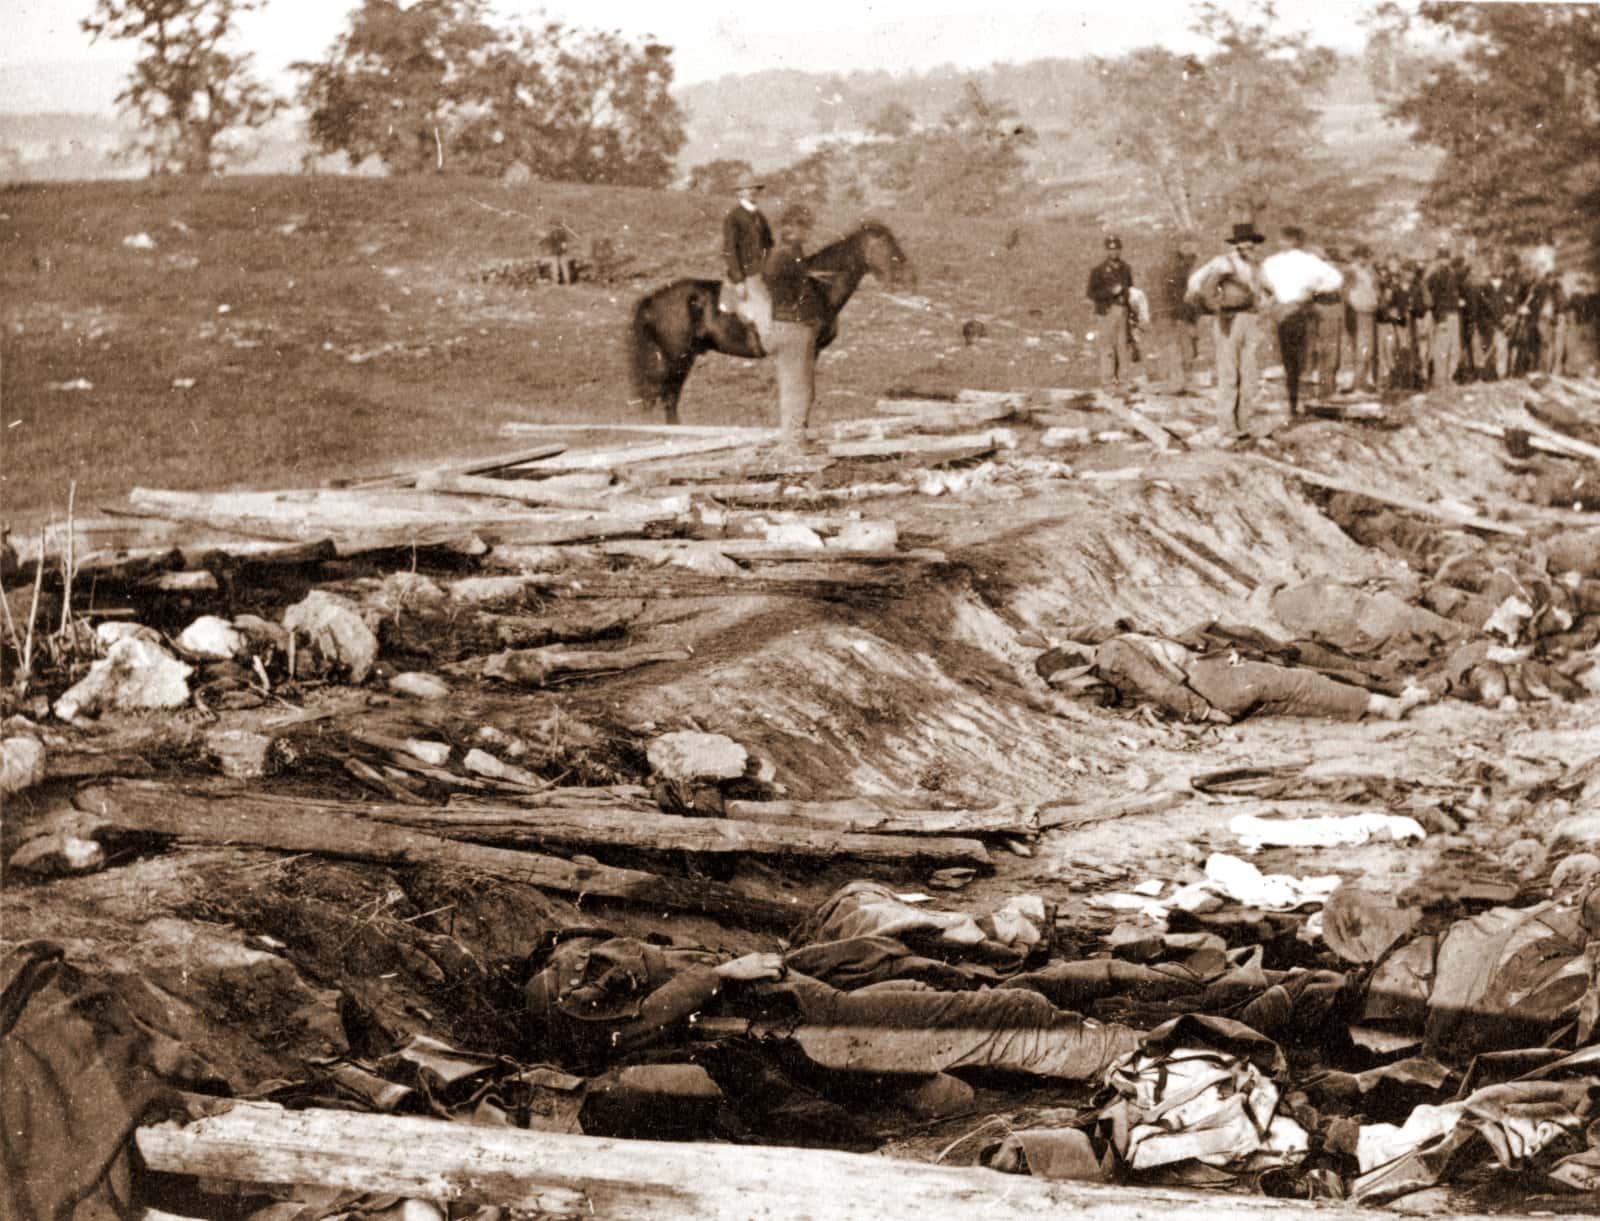 Civil War battle scene - Old Sunken Road, Antietam - Bloody Lane with dead soldiers